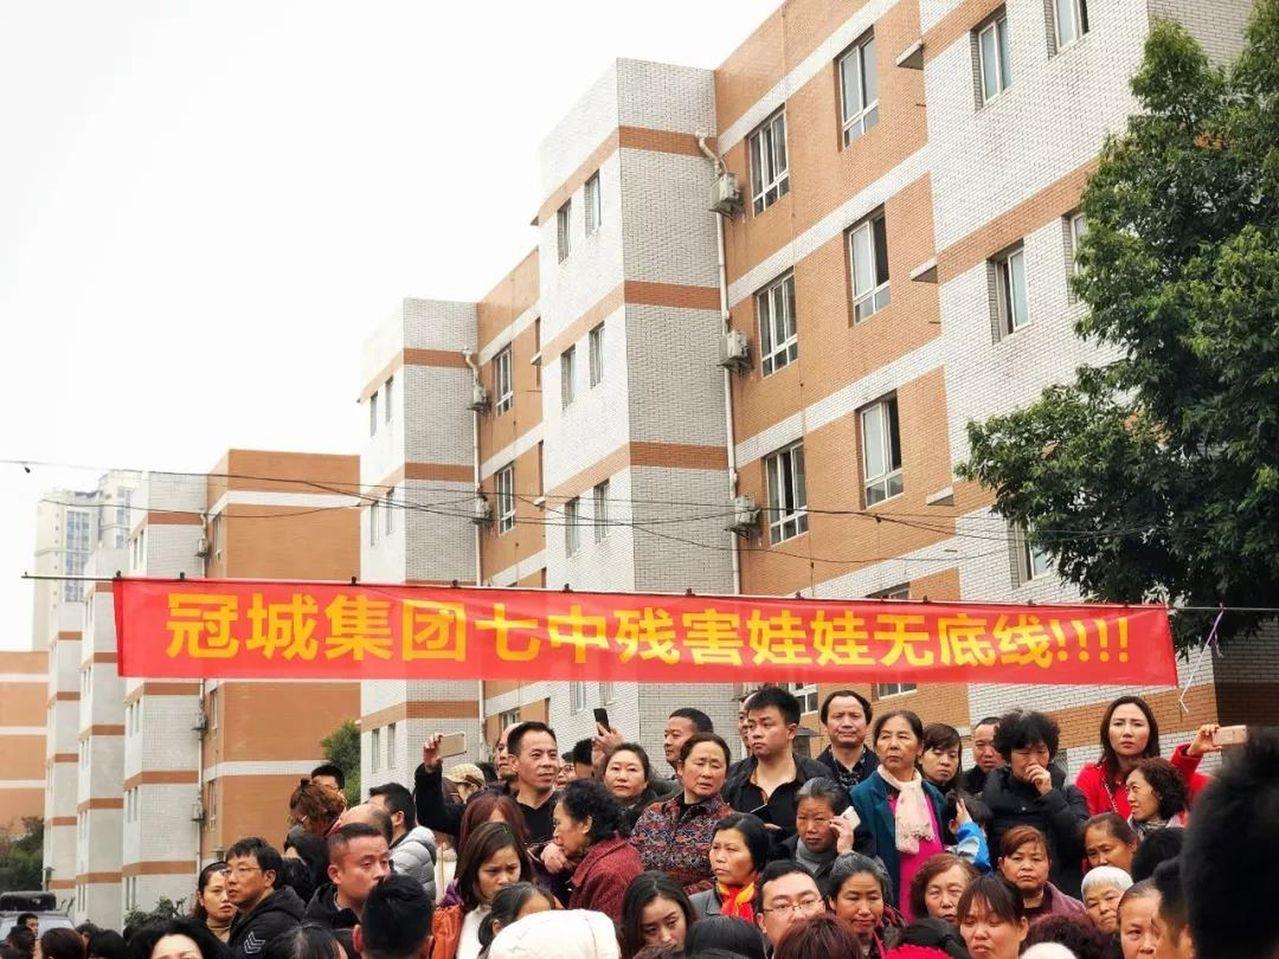 成都七中實驗學校小學部爆發食安醜聞,大批家長到校外抗議示威。(取材自微博)